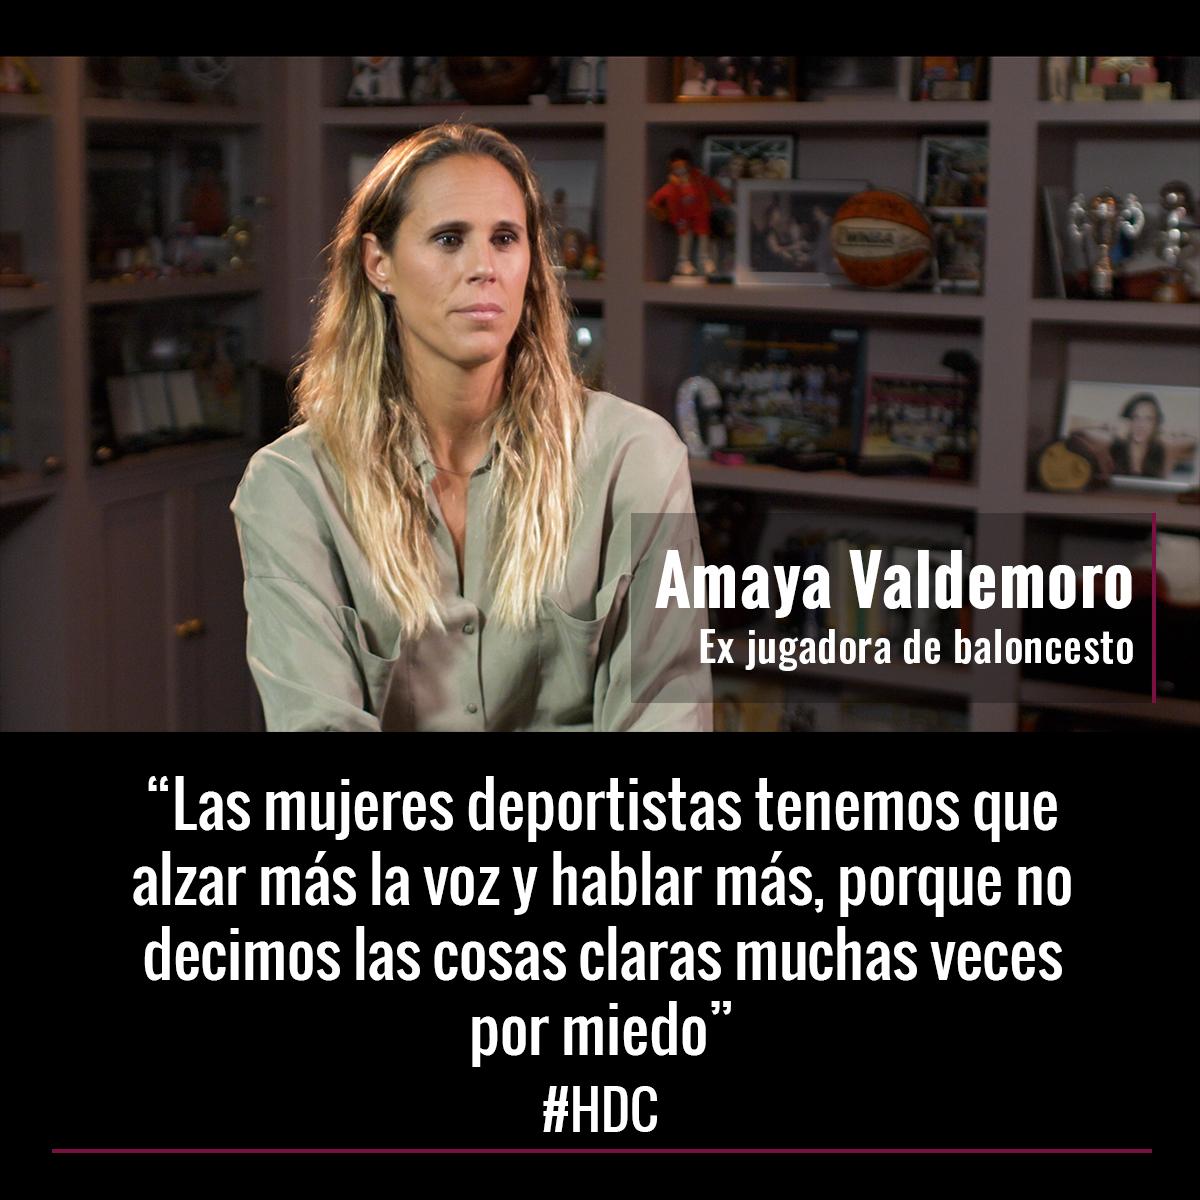 HDC_Promo_Frase_AmayaValdemoro